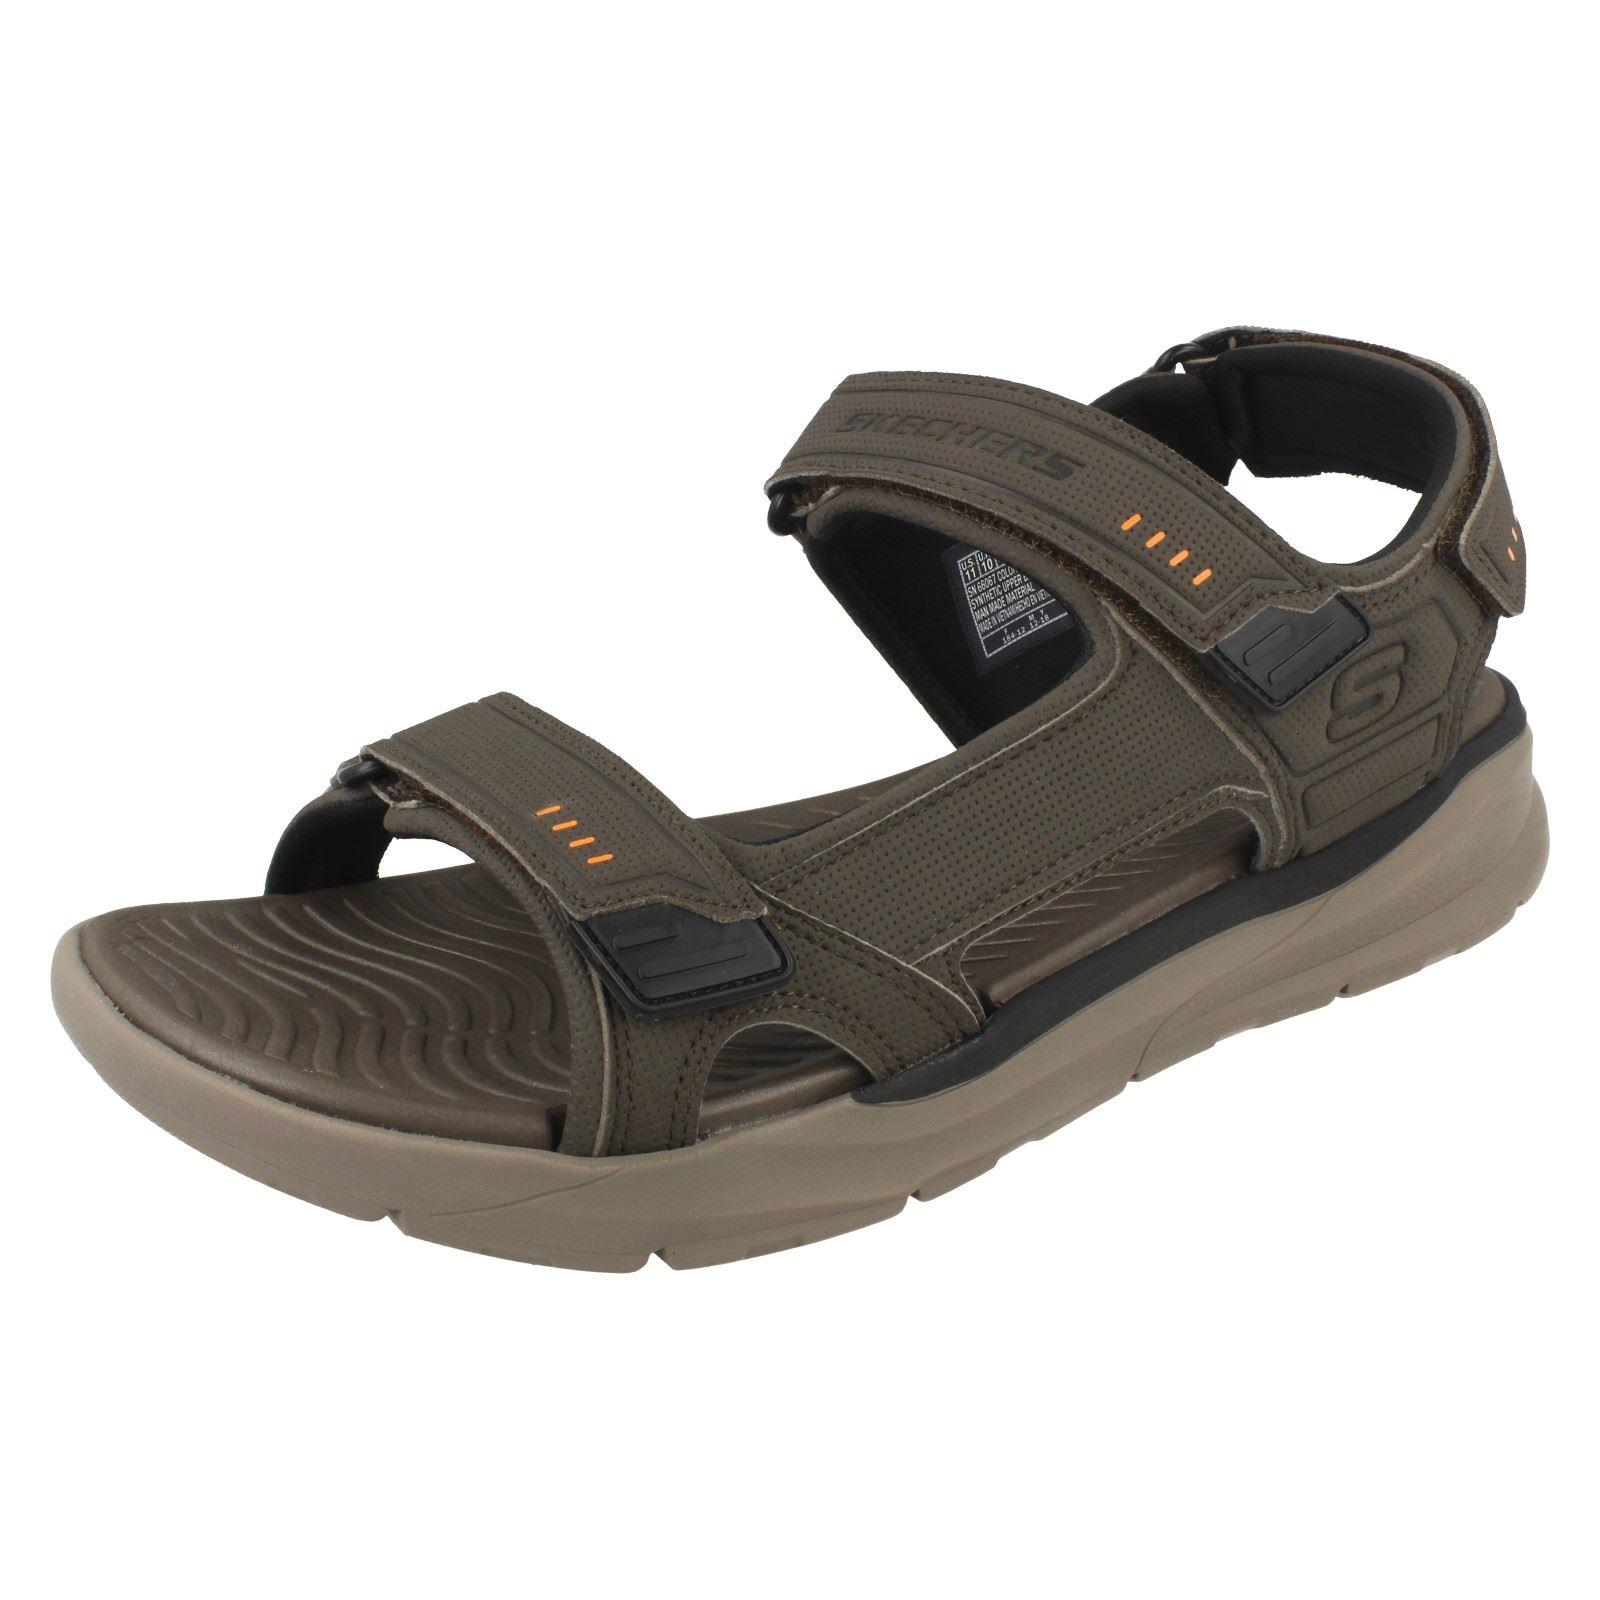 skechers sandals 2015